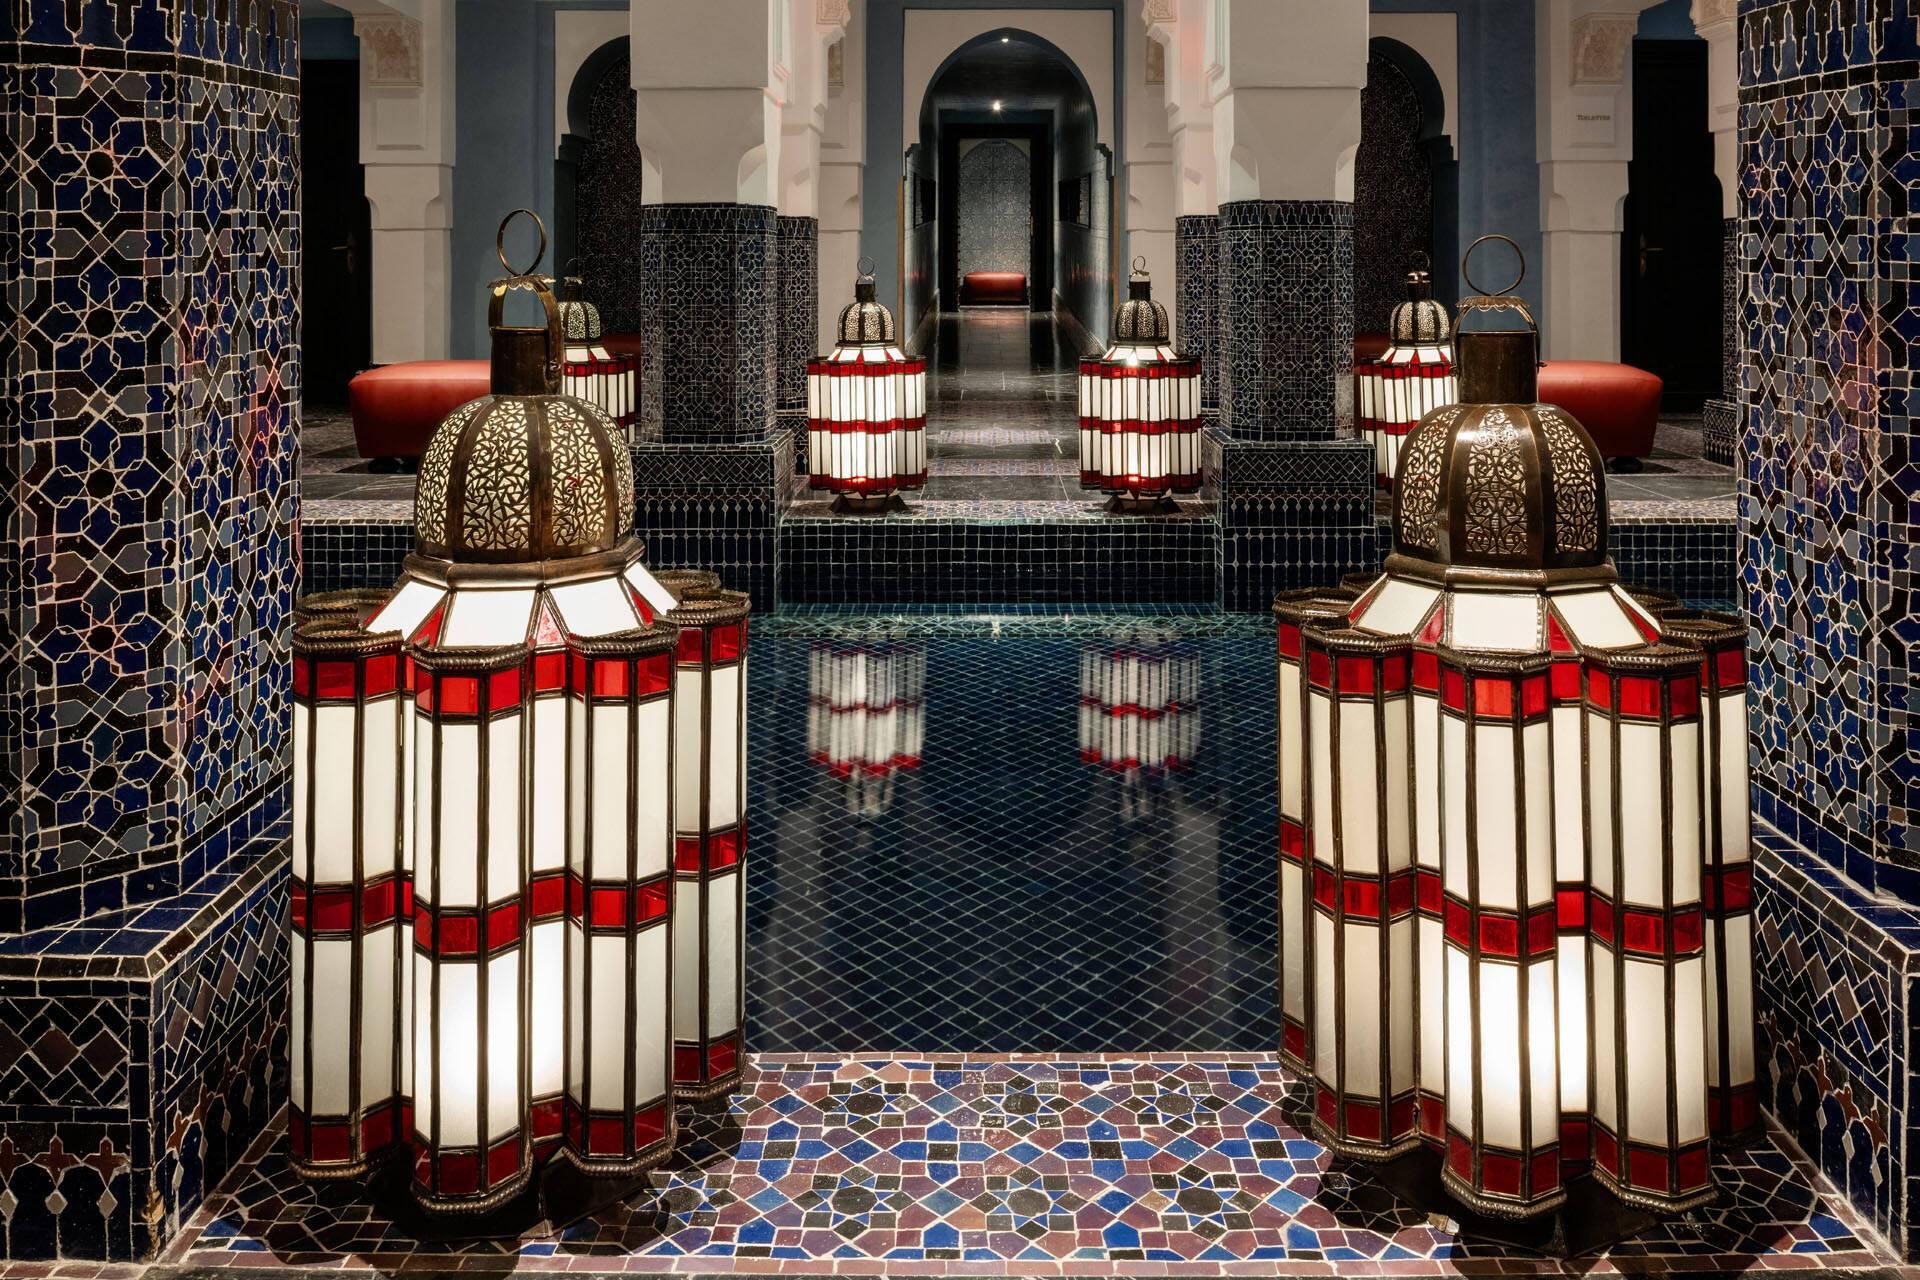 La Mamounia Marrakech Spa